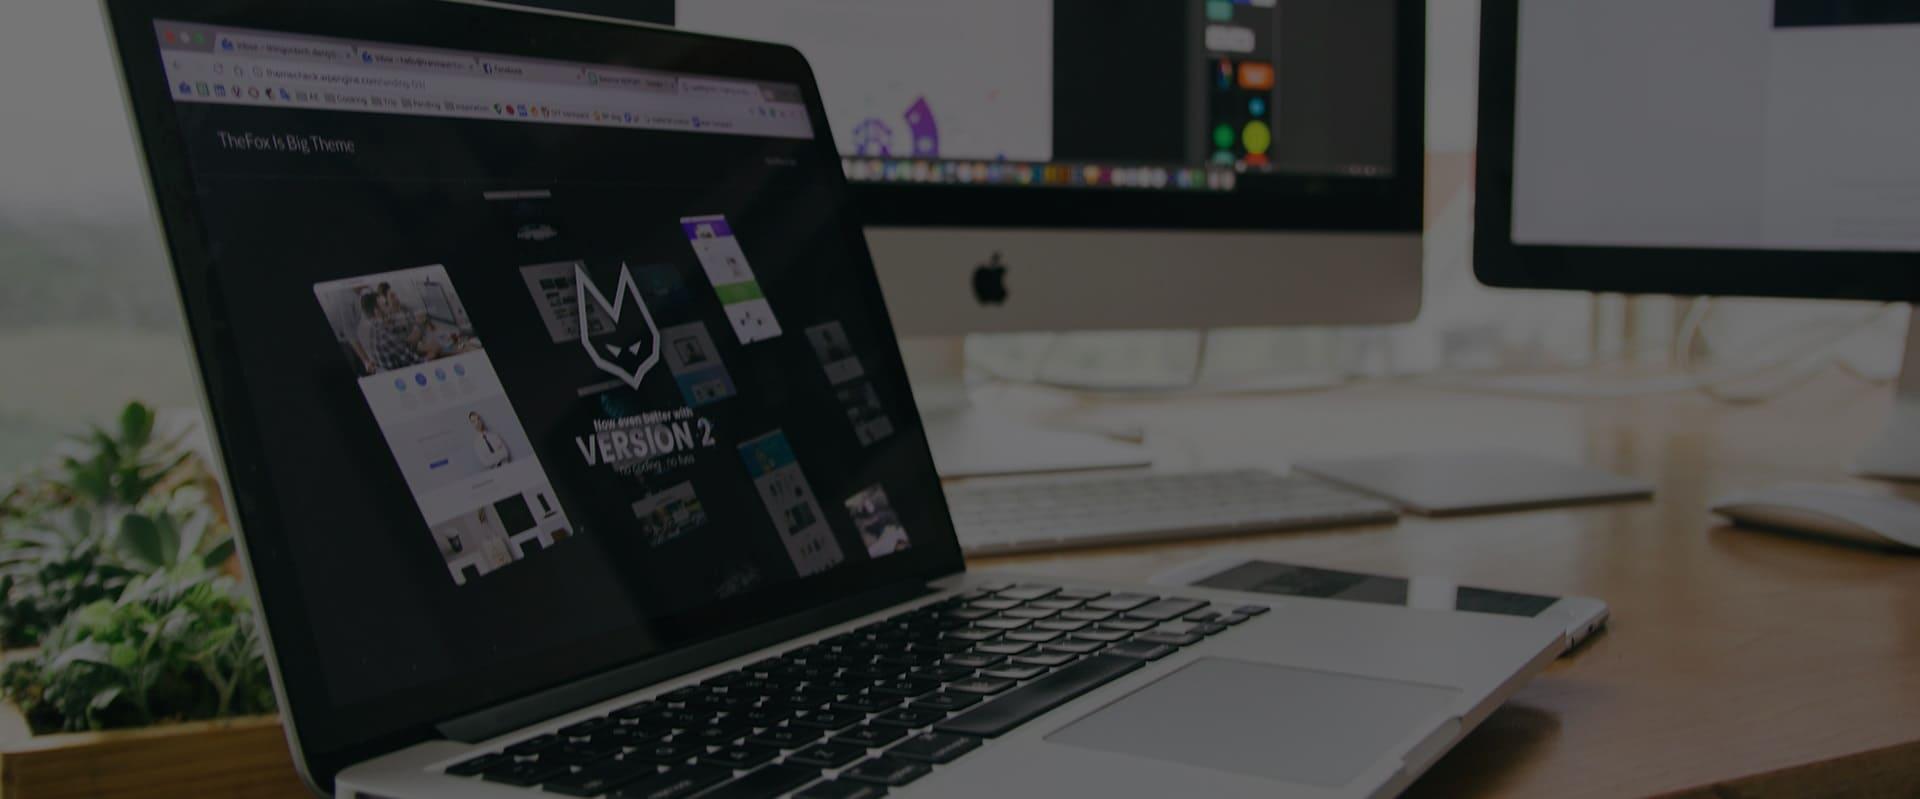 Раскрутка сайта с гарантией Улица Черемушки (поселок Ерино) создание сайтов по продаже